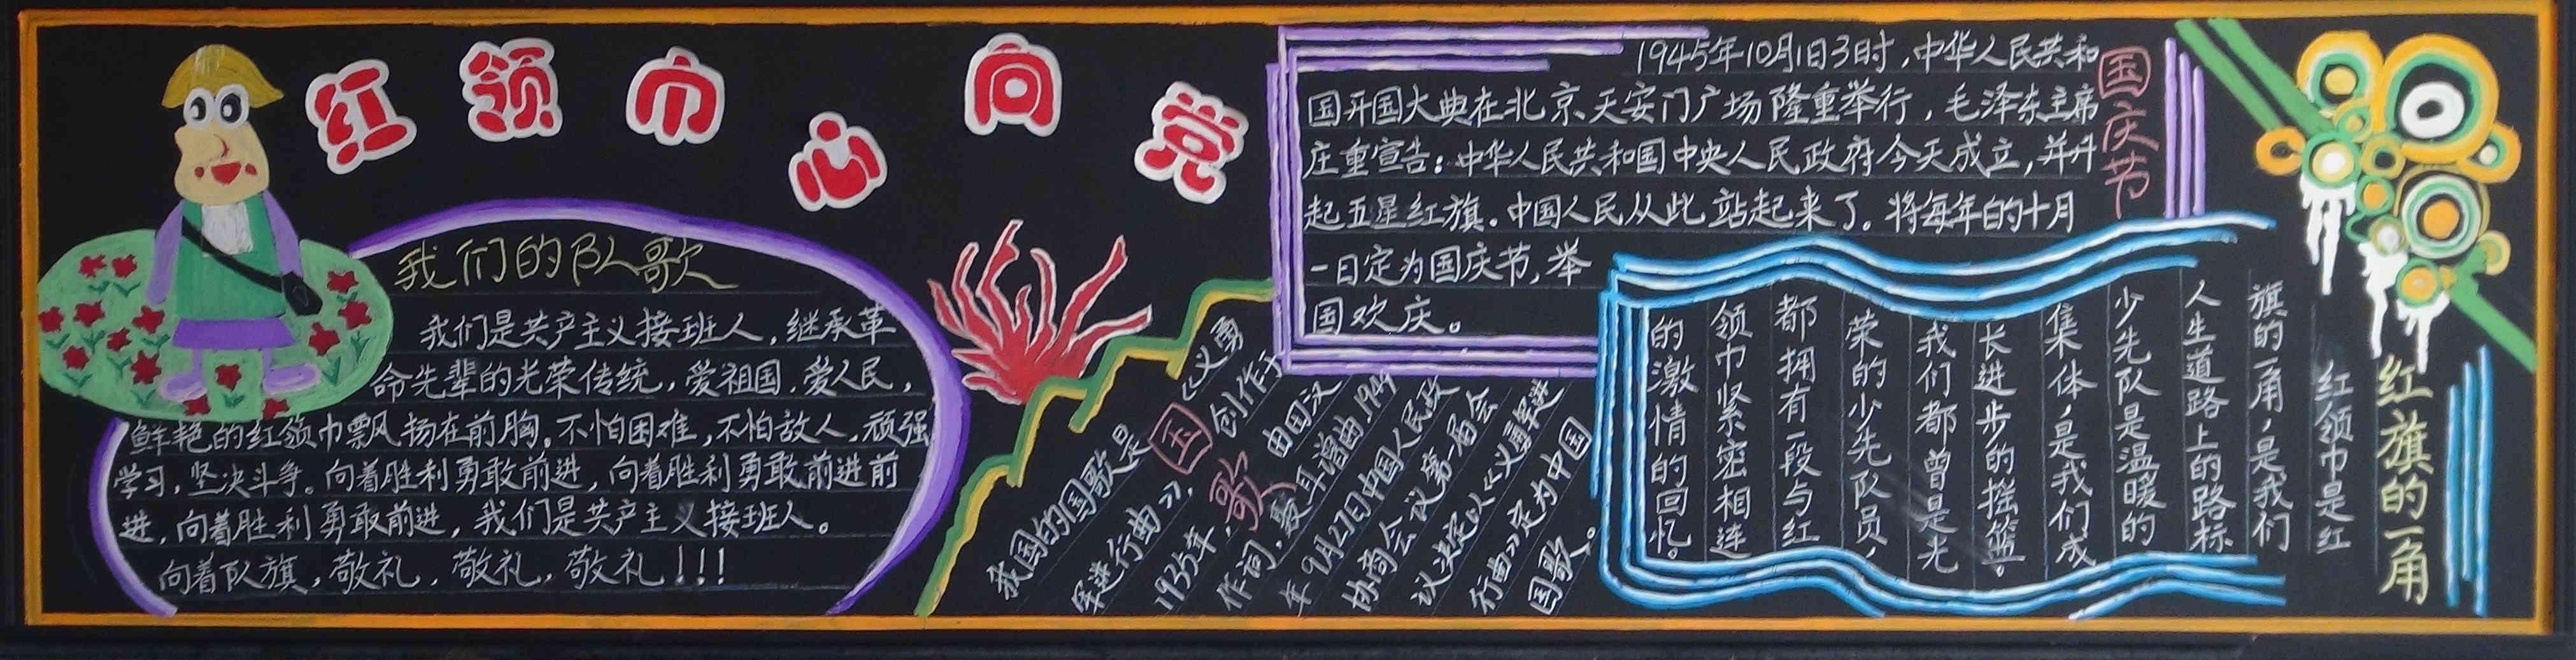 """长兴县虹星桥小学:""""红领巾心向党 喜迎十八大""""主题黑板报评比"""